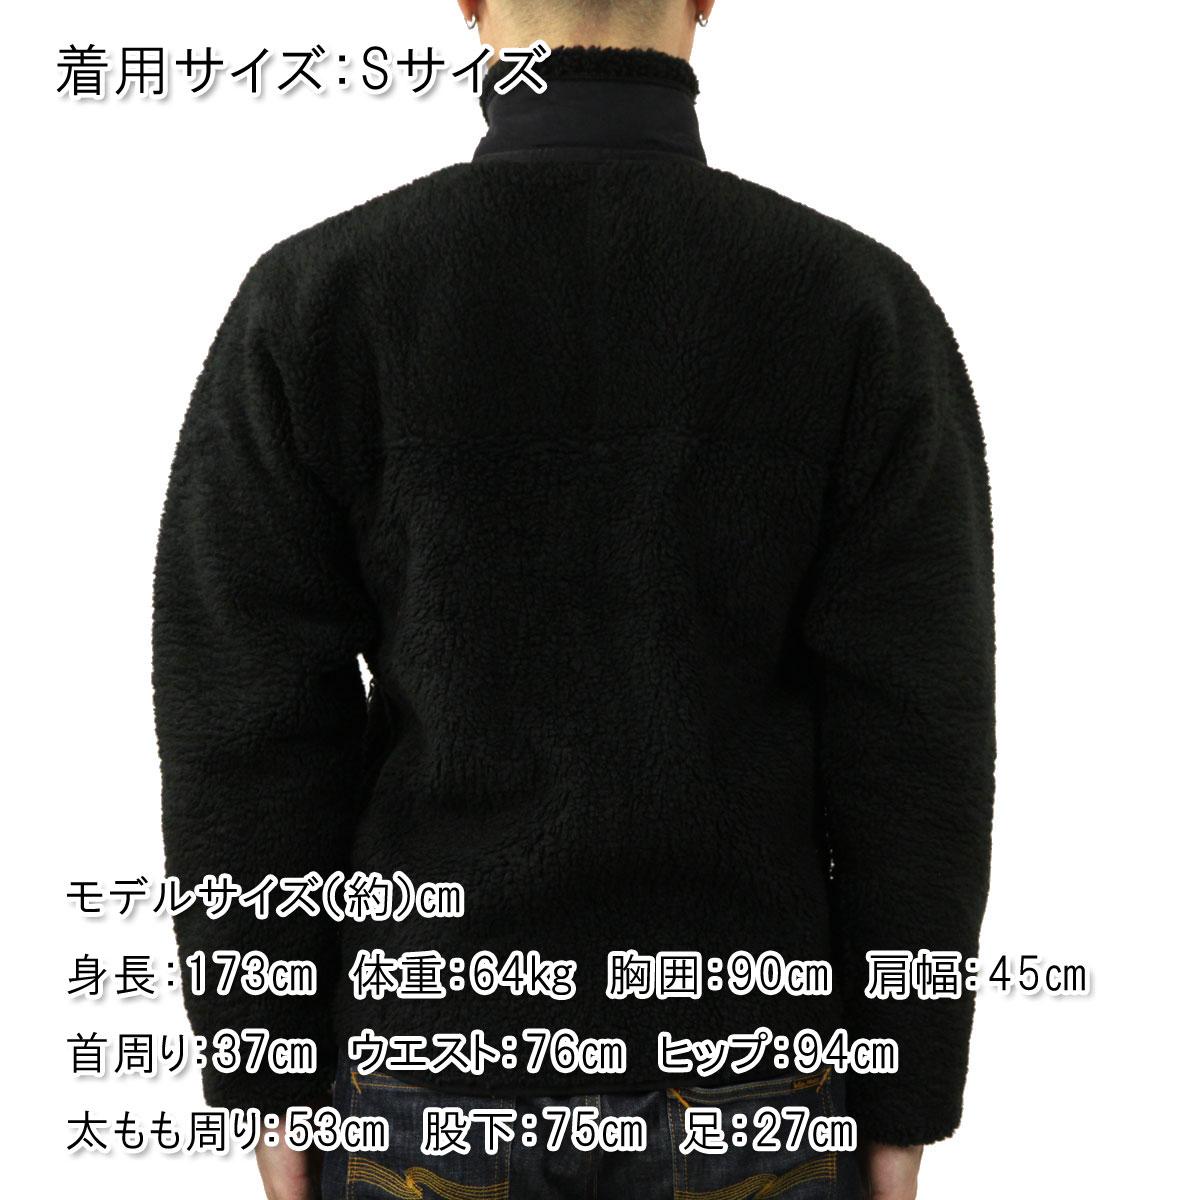 パタゴニア ジャケット メンズ 正規品 patagonia レトロX ボアジャケット MEN'S CLASSIC RETRO-X FLEECE JACKET BLACK W/BLACK 23056 A53B B1C C1D D4E E13F 父の日 ギフト プレゼント